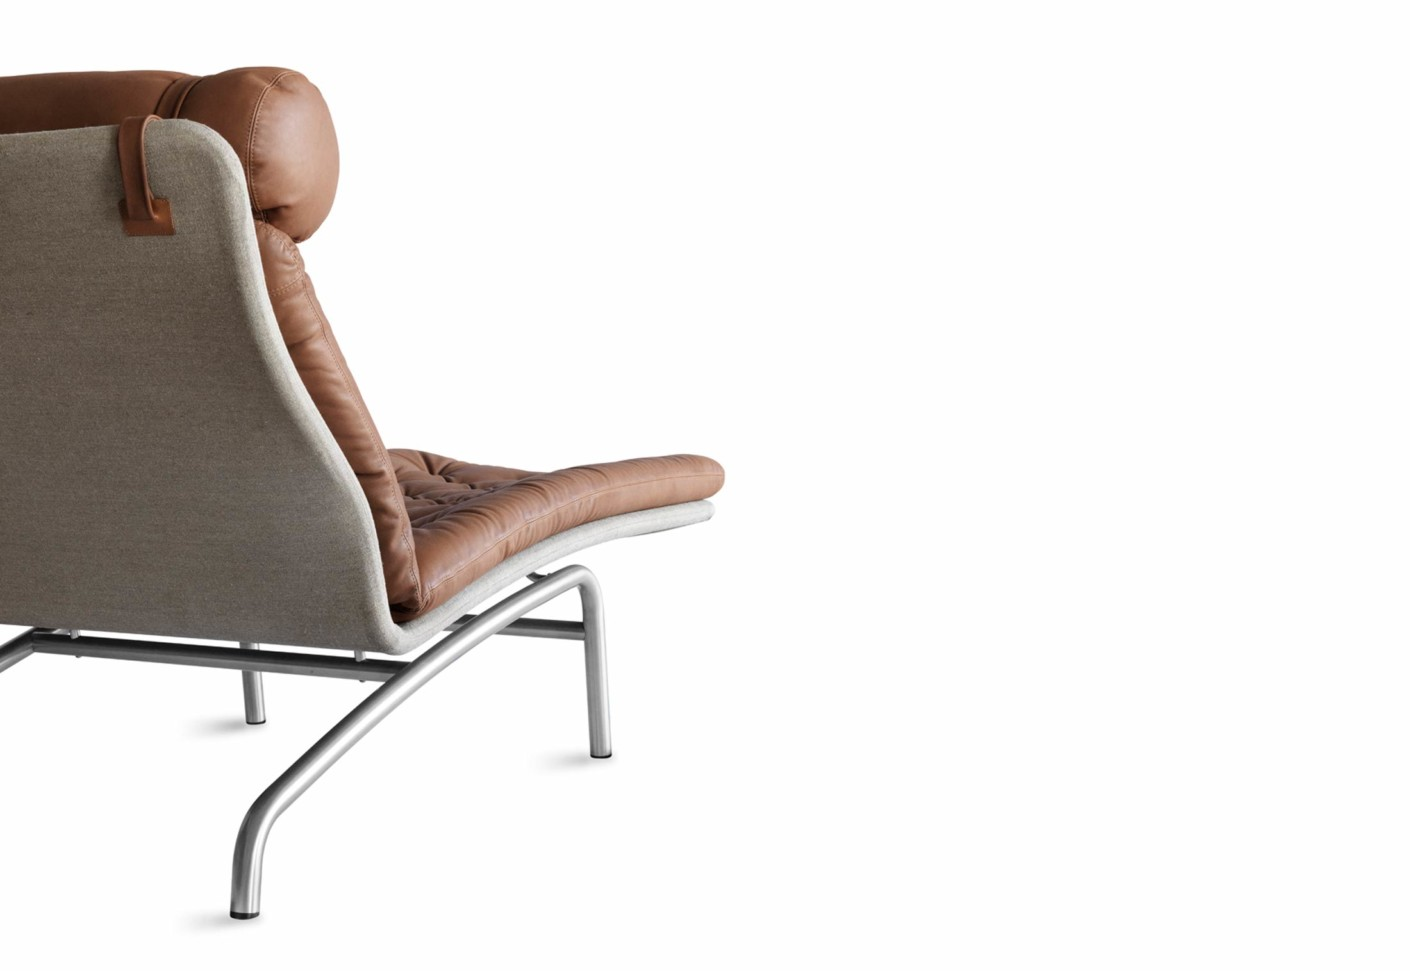 AV Lounge Chair by Arne Vodder for Erik Jørgensen